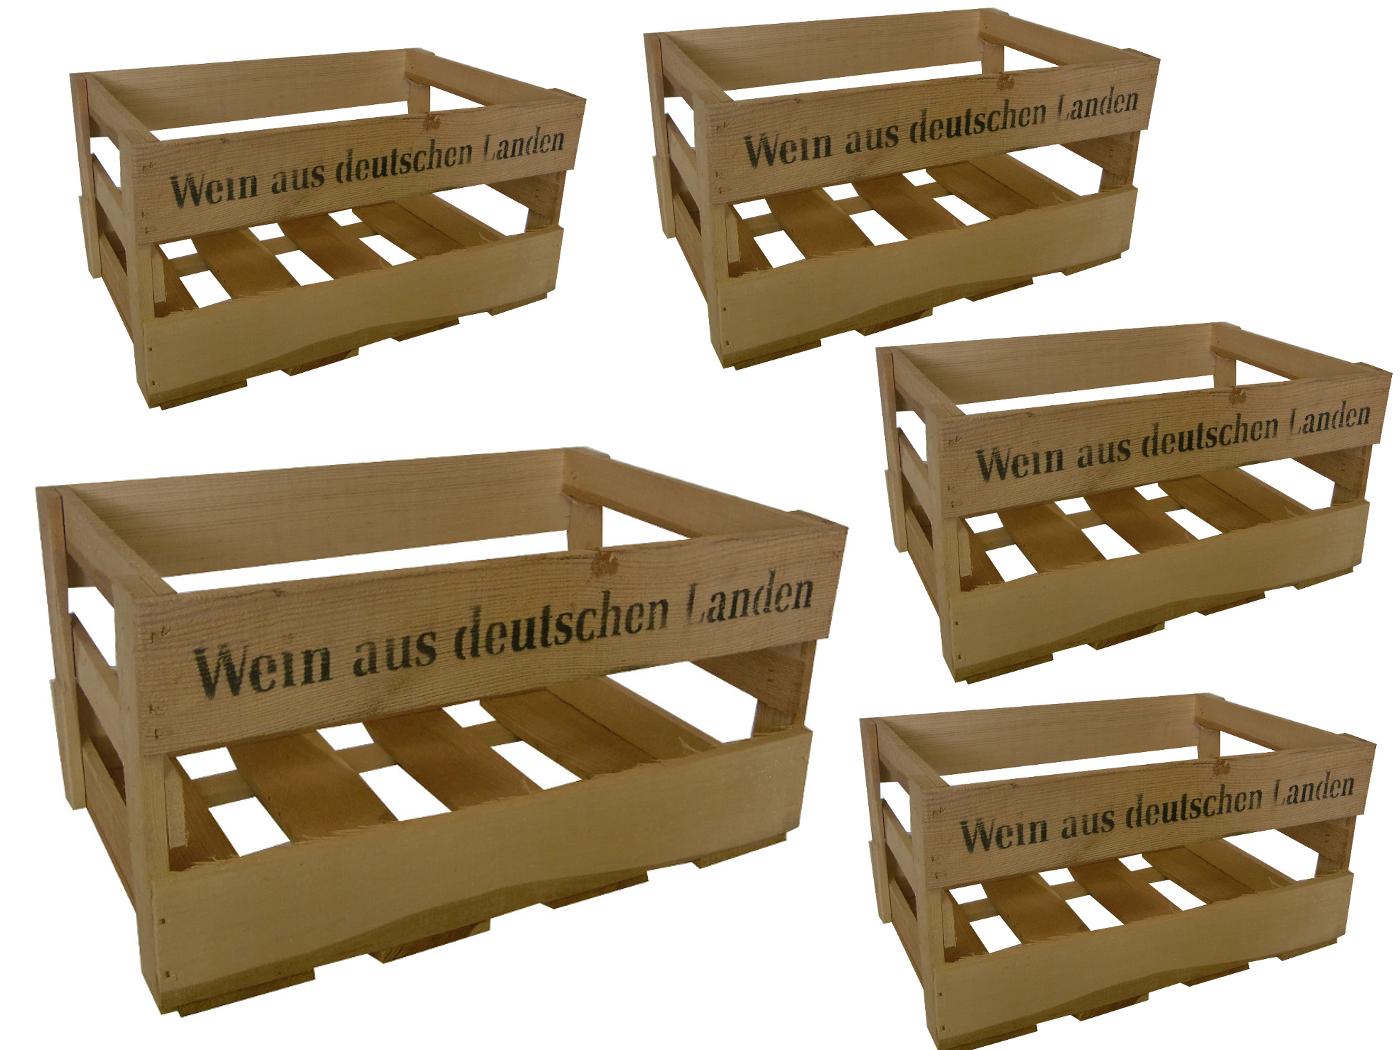 5x Caisse à vin Caisse en bois dekokiste Nature vin de allemands atterrir Vin étagère